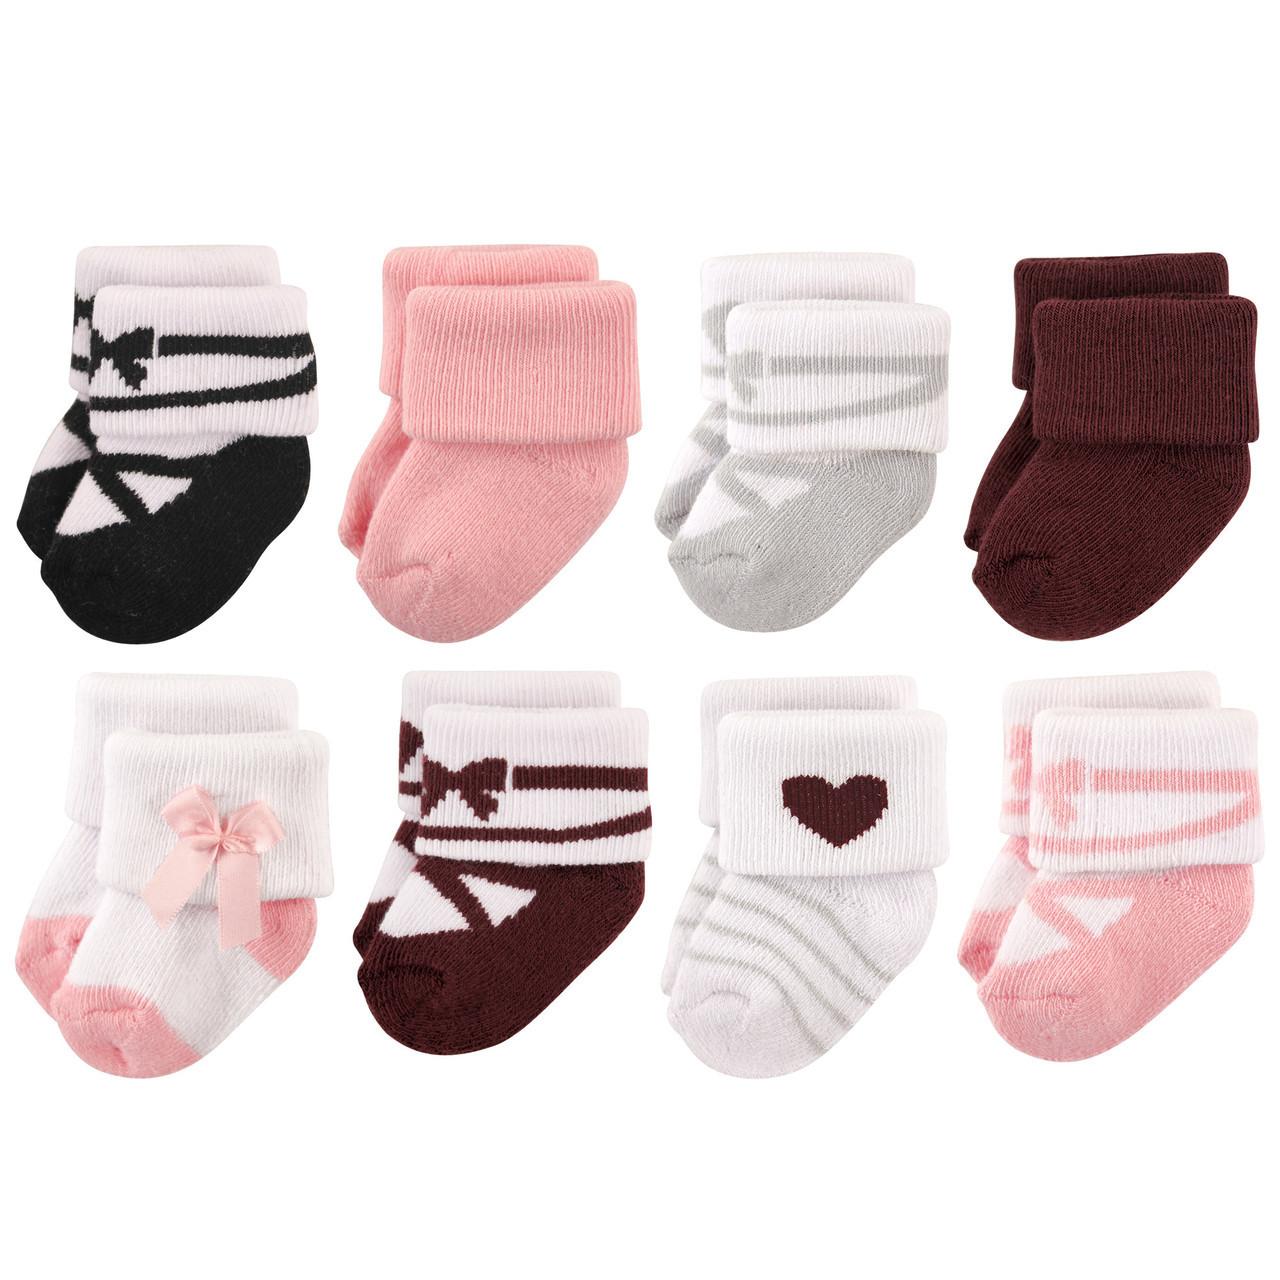 0-6 Months Hudson Baby Socks Basic Ballet 8Pk